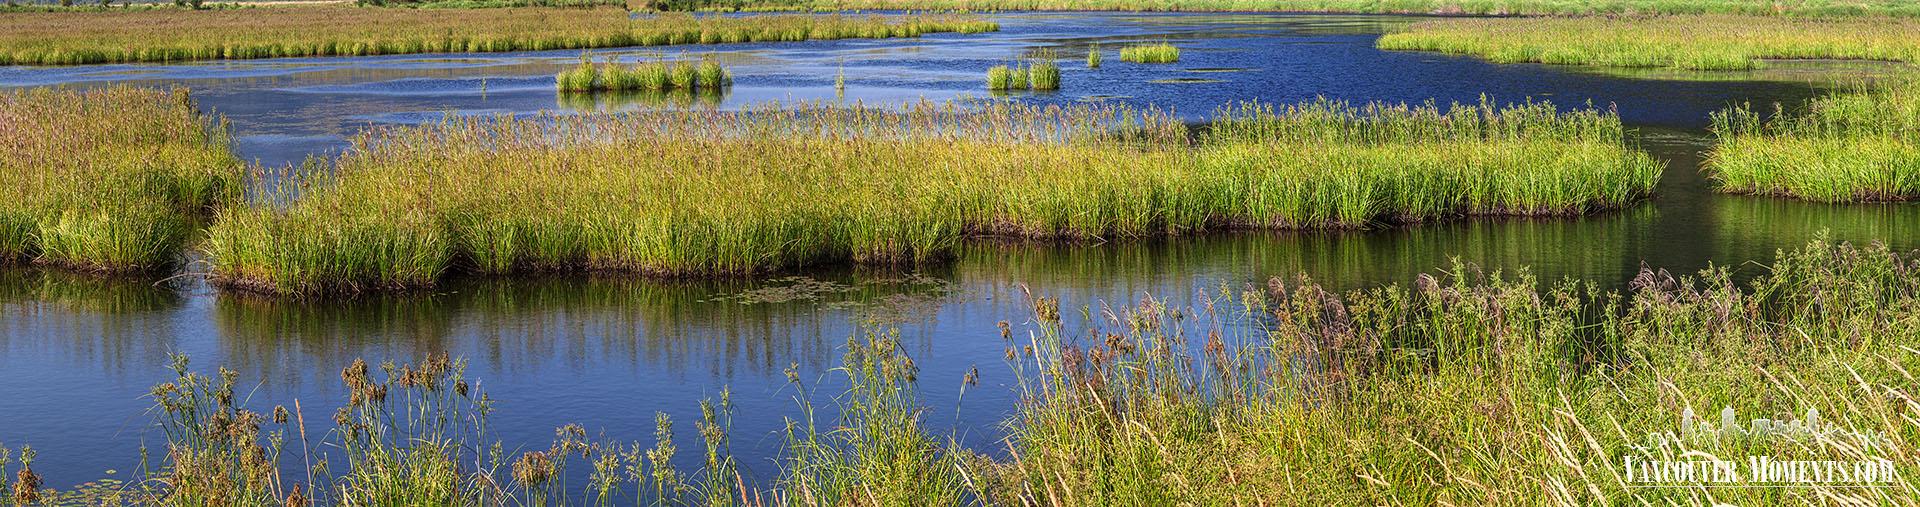 Marshlands_Panorama_ML157A1